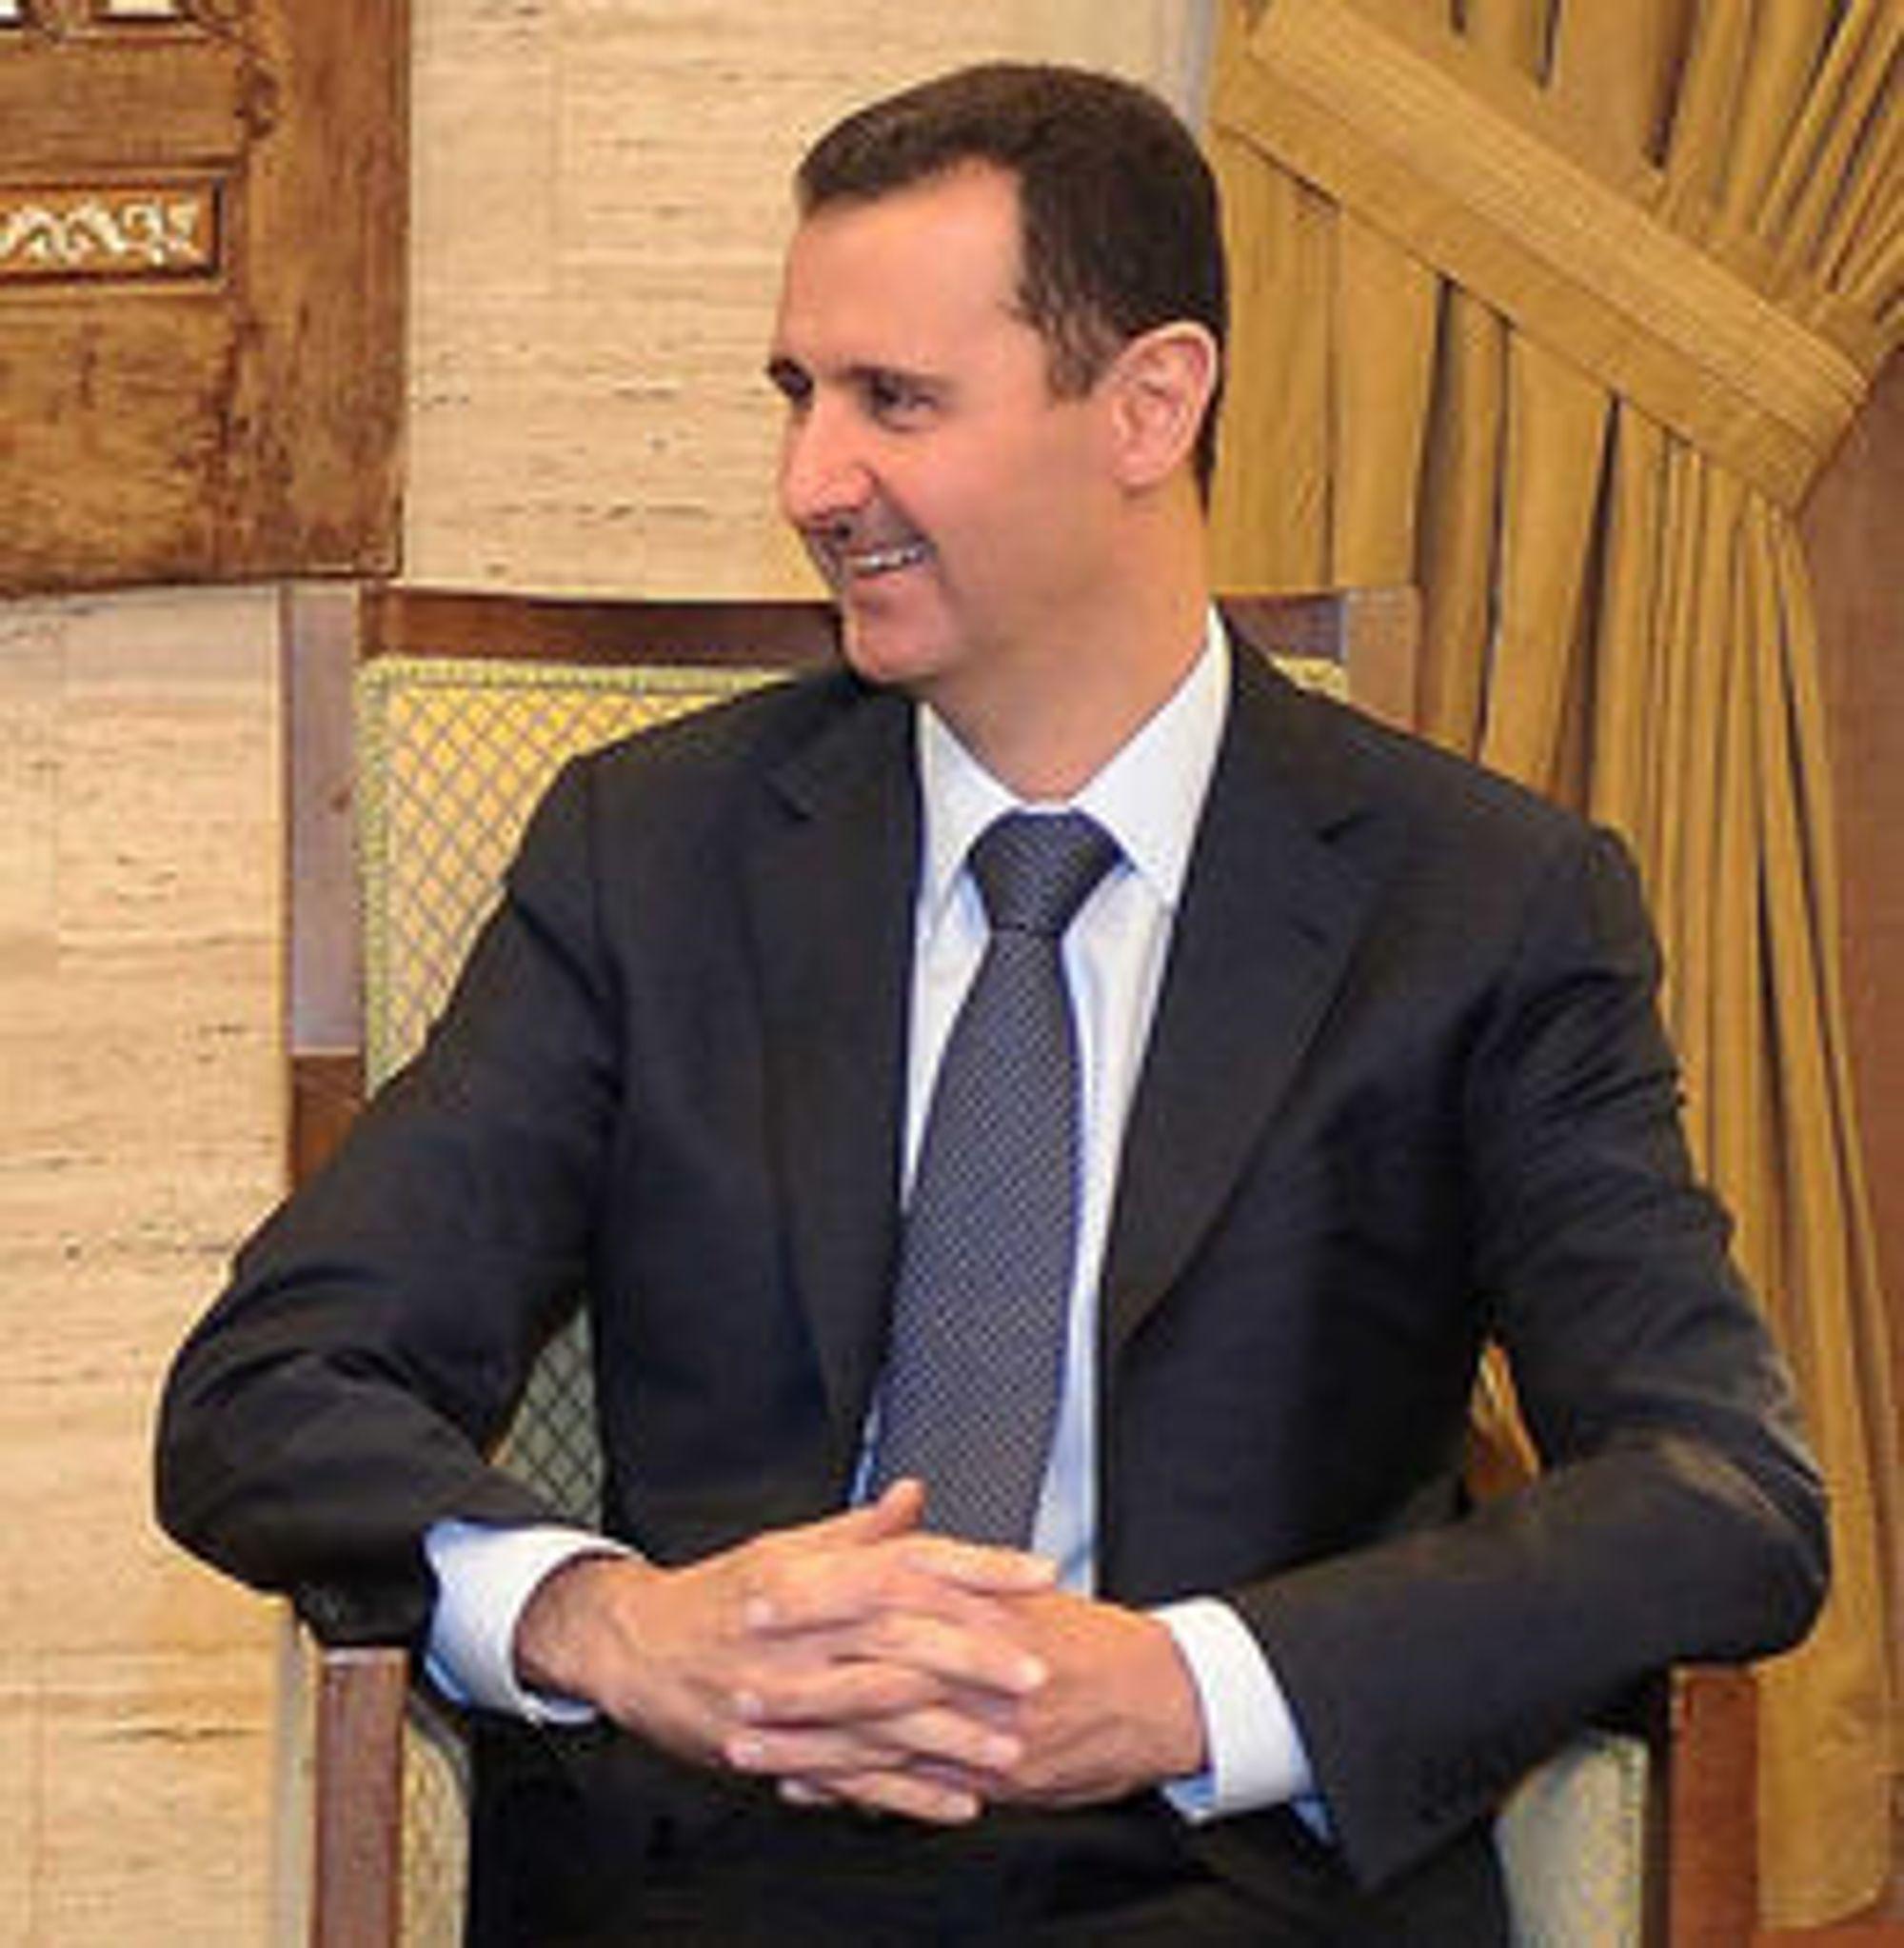 DIKTATOR UTEN NETT: Flere mente det var Syrias president Bashar al-Assad (bildet) eller regimet hans som hadde beordret blokkering av landets internett- og mobilforbindelse. Feil, det var USA som forsøkte å hacke en kjerneruter, hevder Edward Snowden i et ferskt intervju.